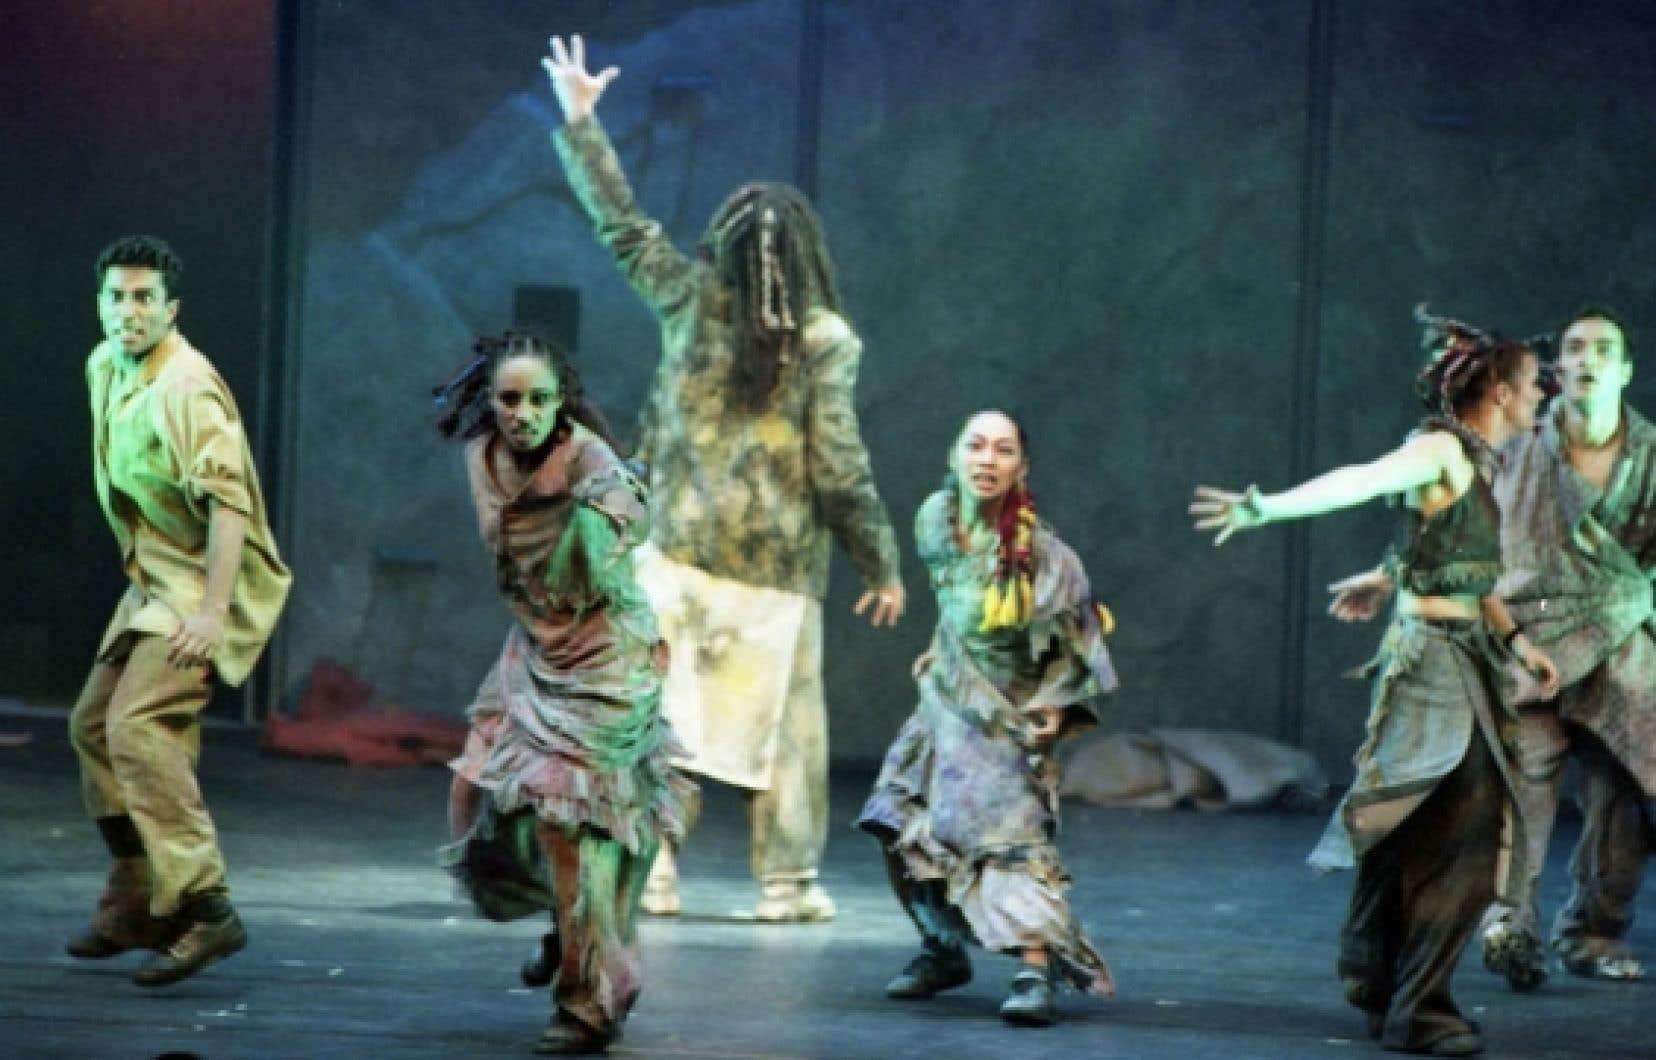 Sylvain Cormier, critique de musique au Devoir, a essuyé les foudres de Luc Plamondon, porté aux nues en Europe après Notre-Dame de Paris. Ce dernier l'a interdit d'entrée à la première montréalaise de sa comédie musicale. Ici, une scène de l'opéra rock présenté au Théâtre Saint-Denis en 1999.